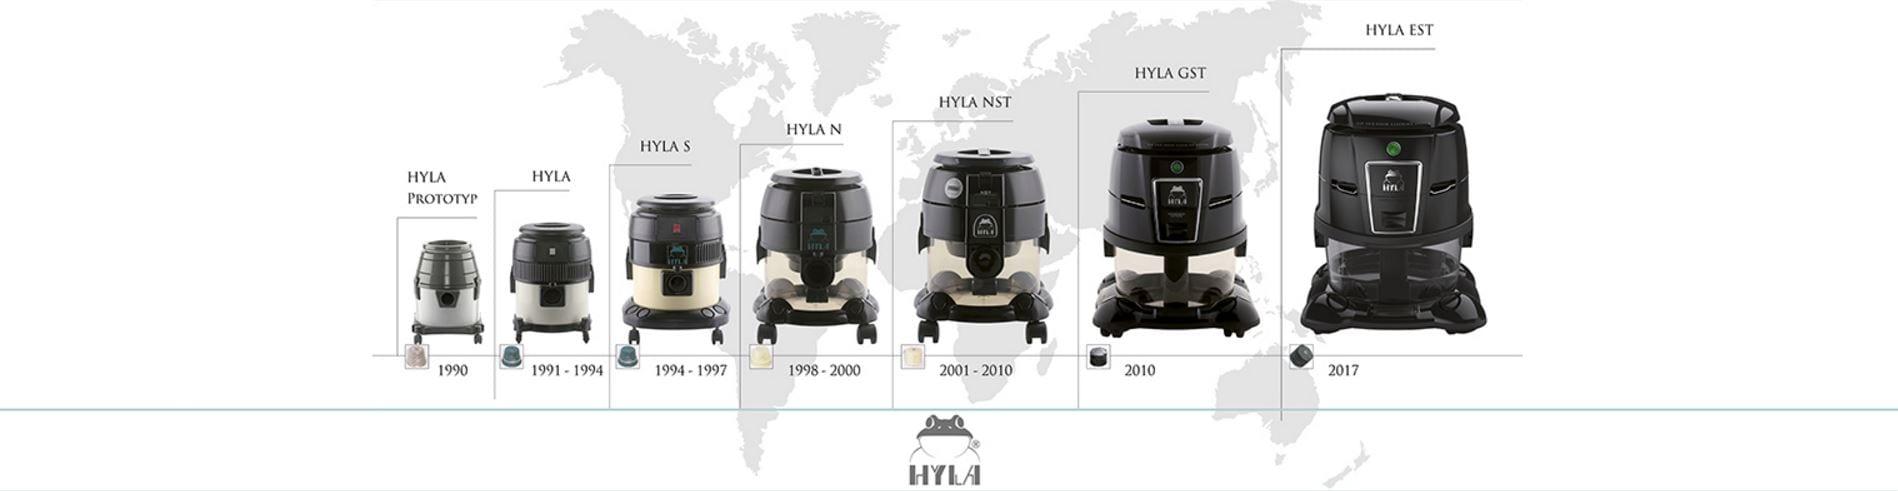 Přehled přístrojů Hyla vývoj